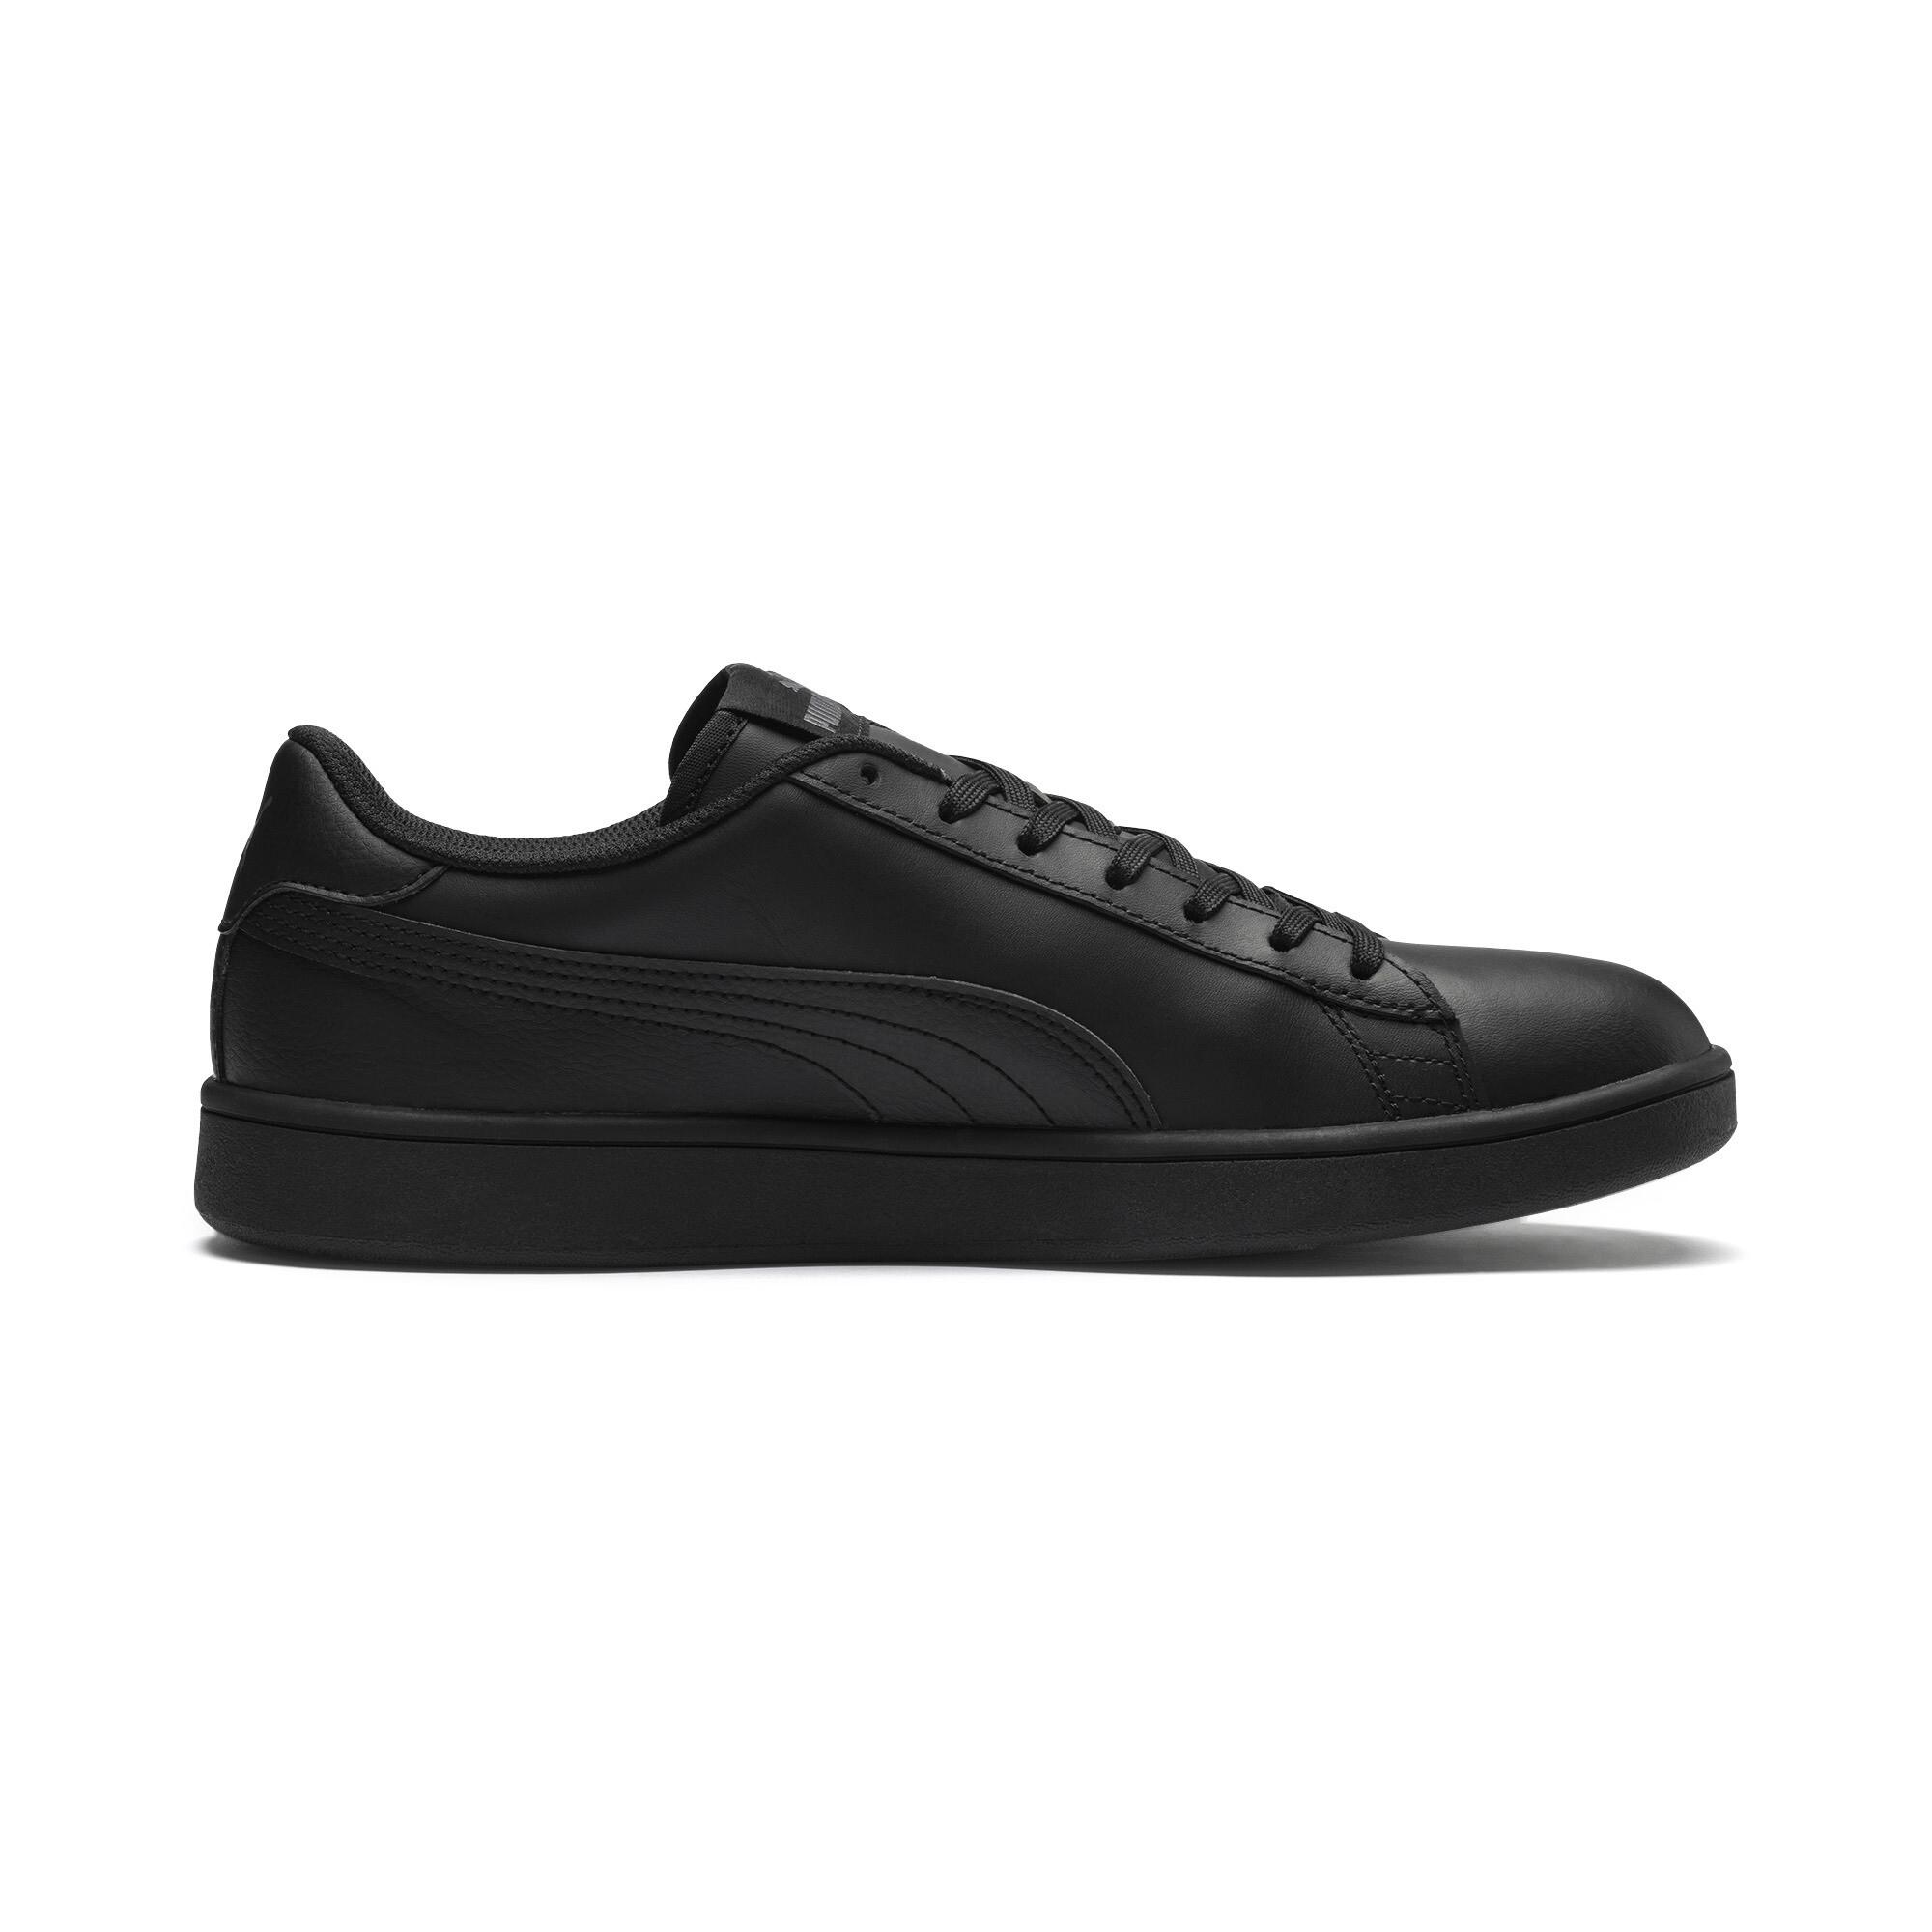 PUMA-PUMA-Smash-v2-Men-039-s-Sneakers-Men-Shoe-Basics thumbnail 29